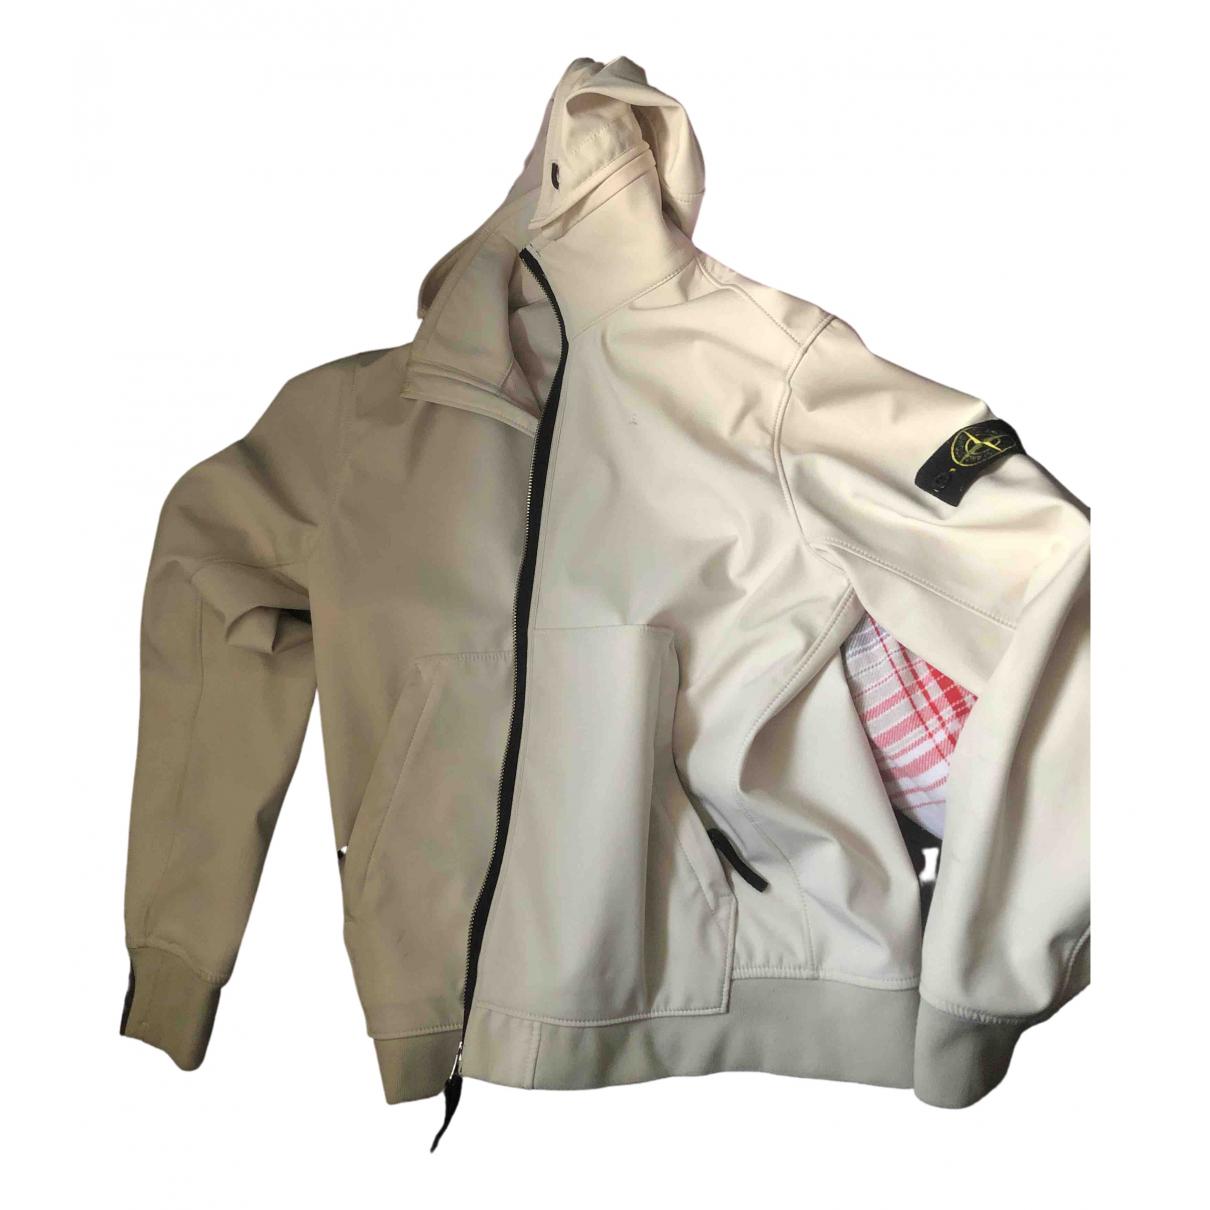 Stone Island \N White jacket  for Men S International